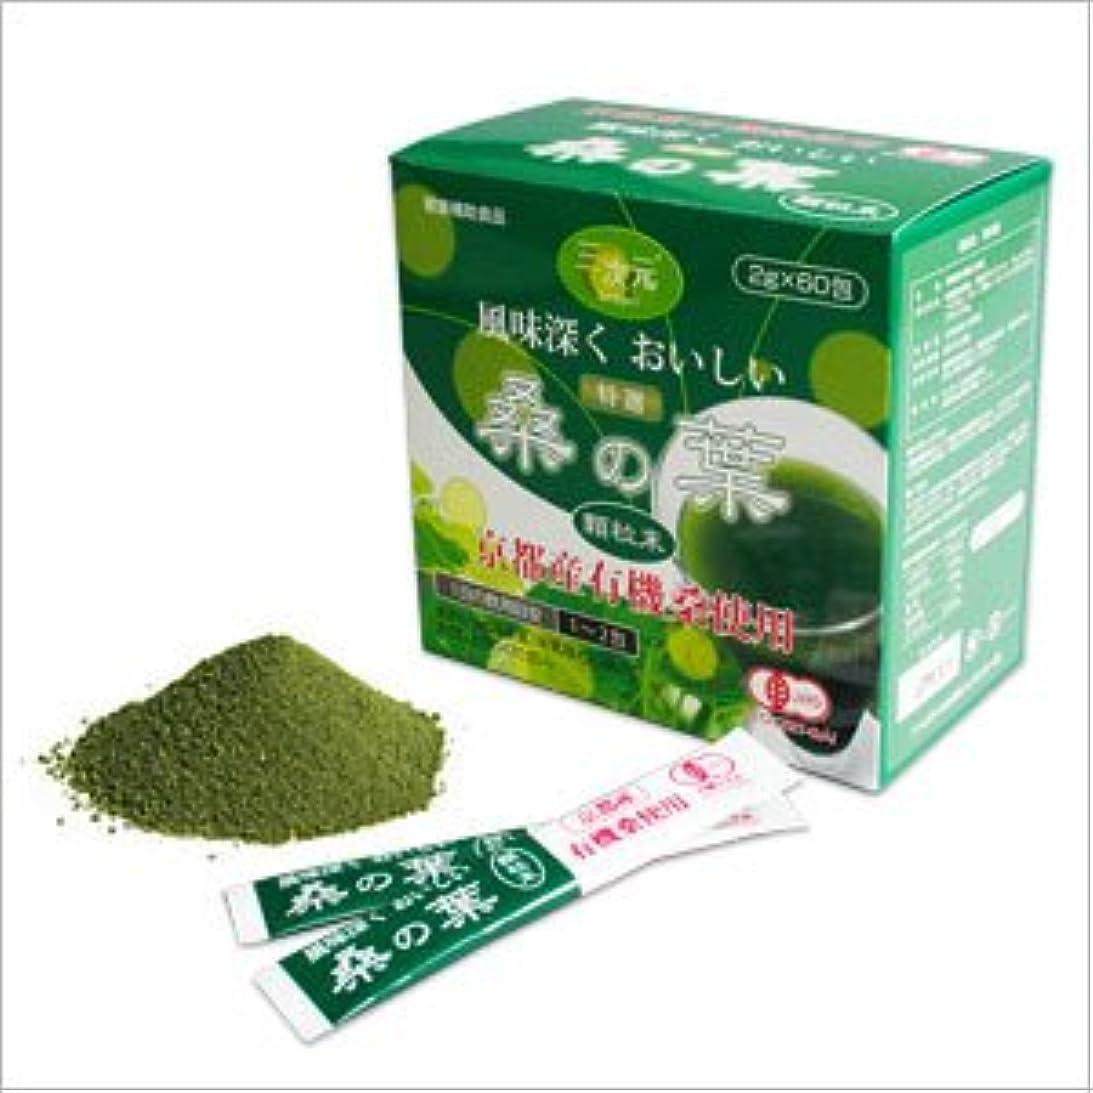 チョーク元気な寺院桑の葉 2箱セット 健康食品